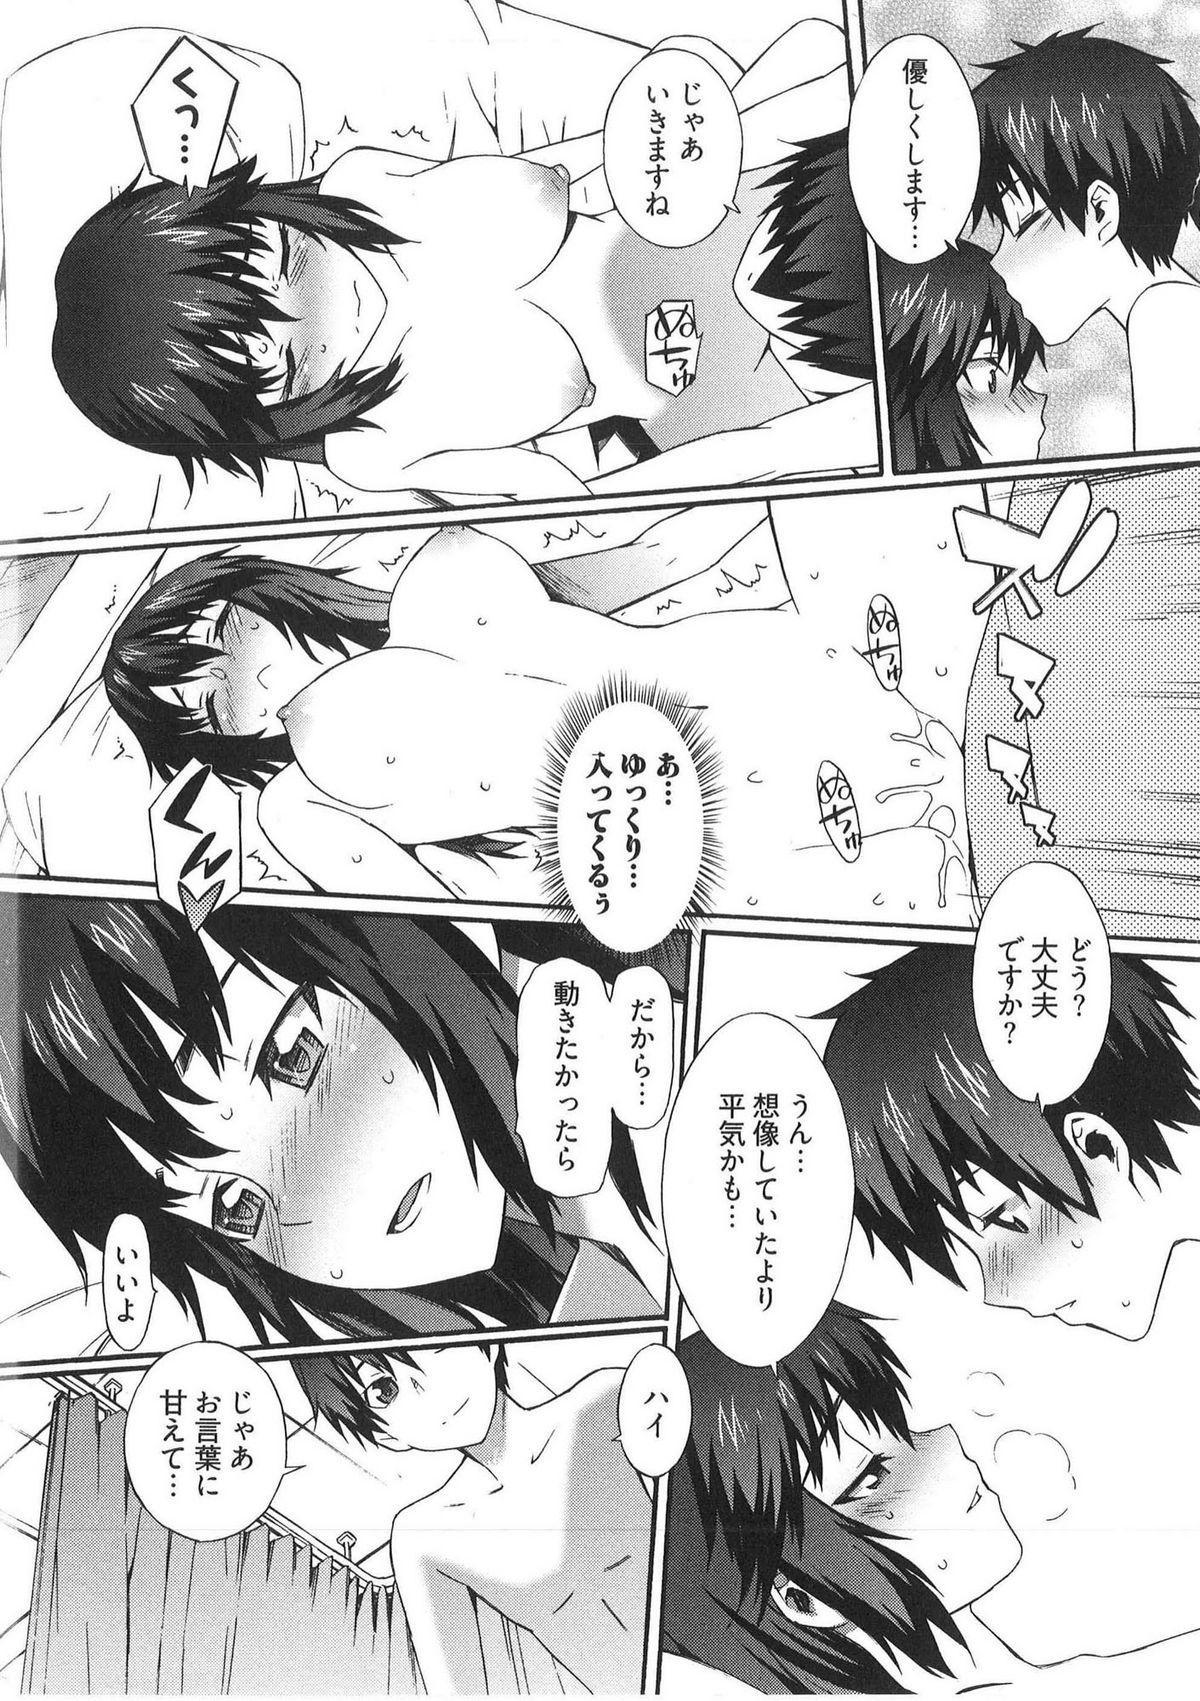 Boku ga Nurse ni Natta Wake 149